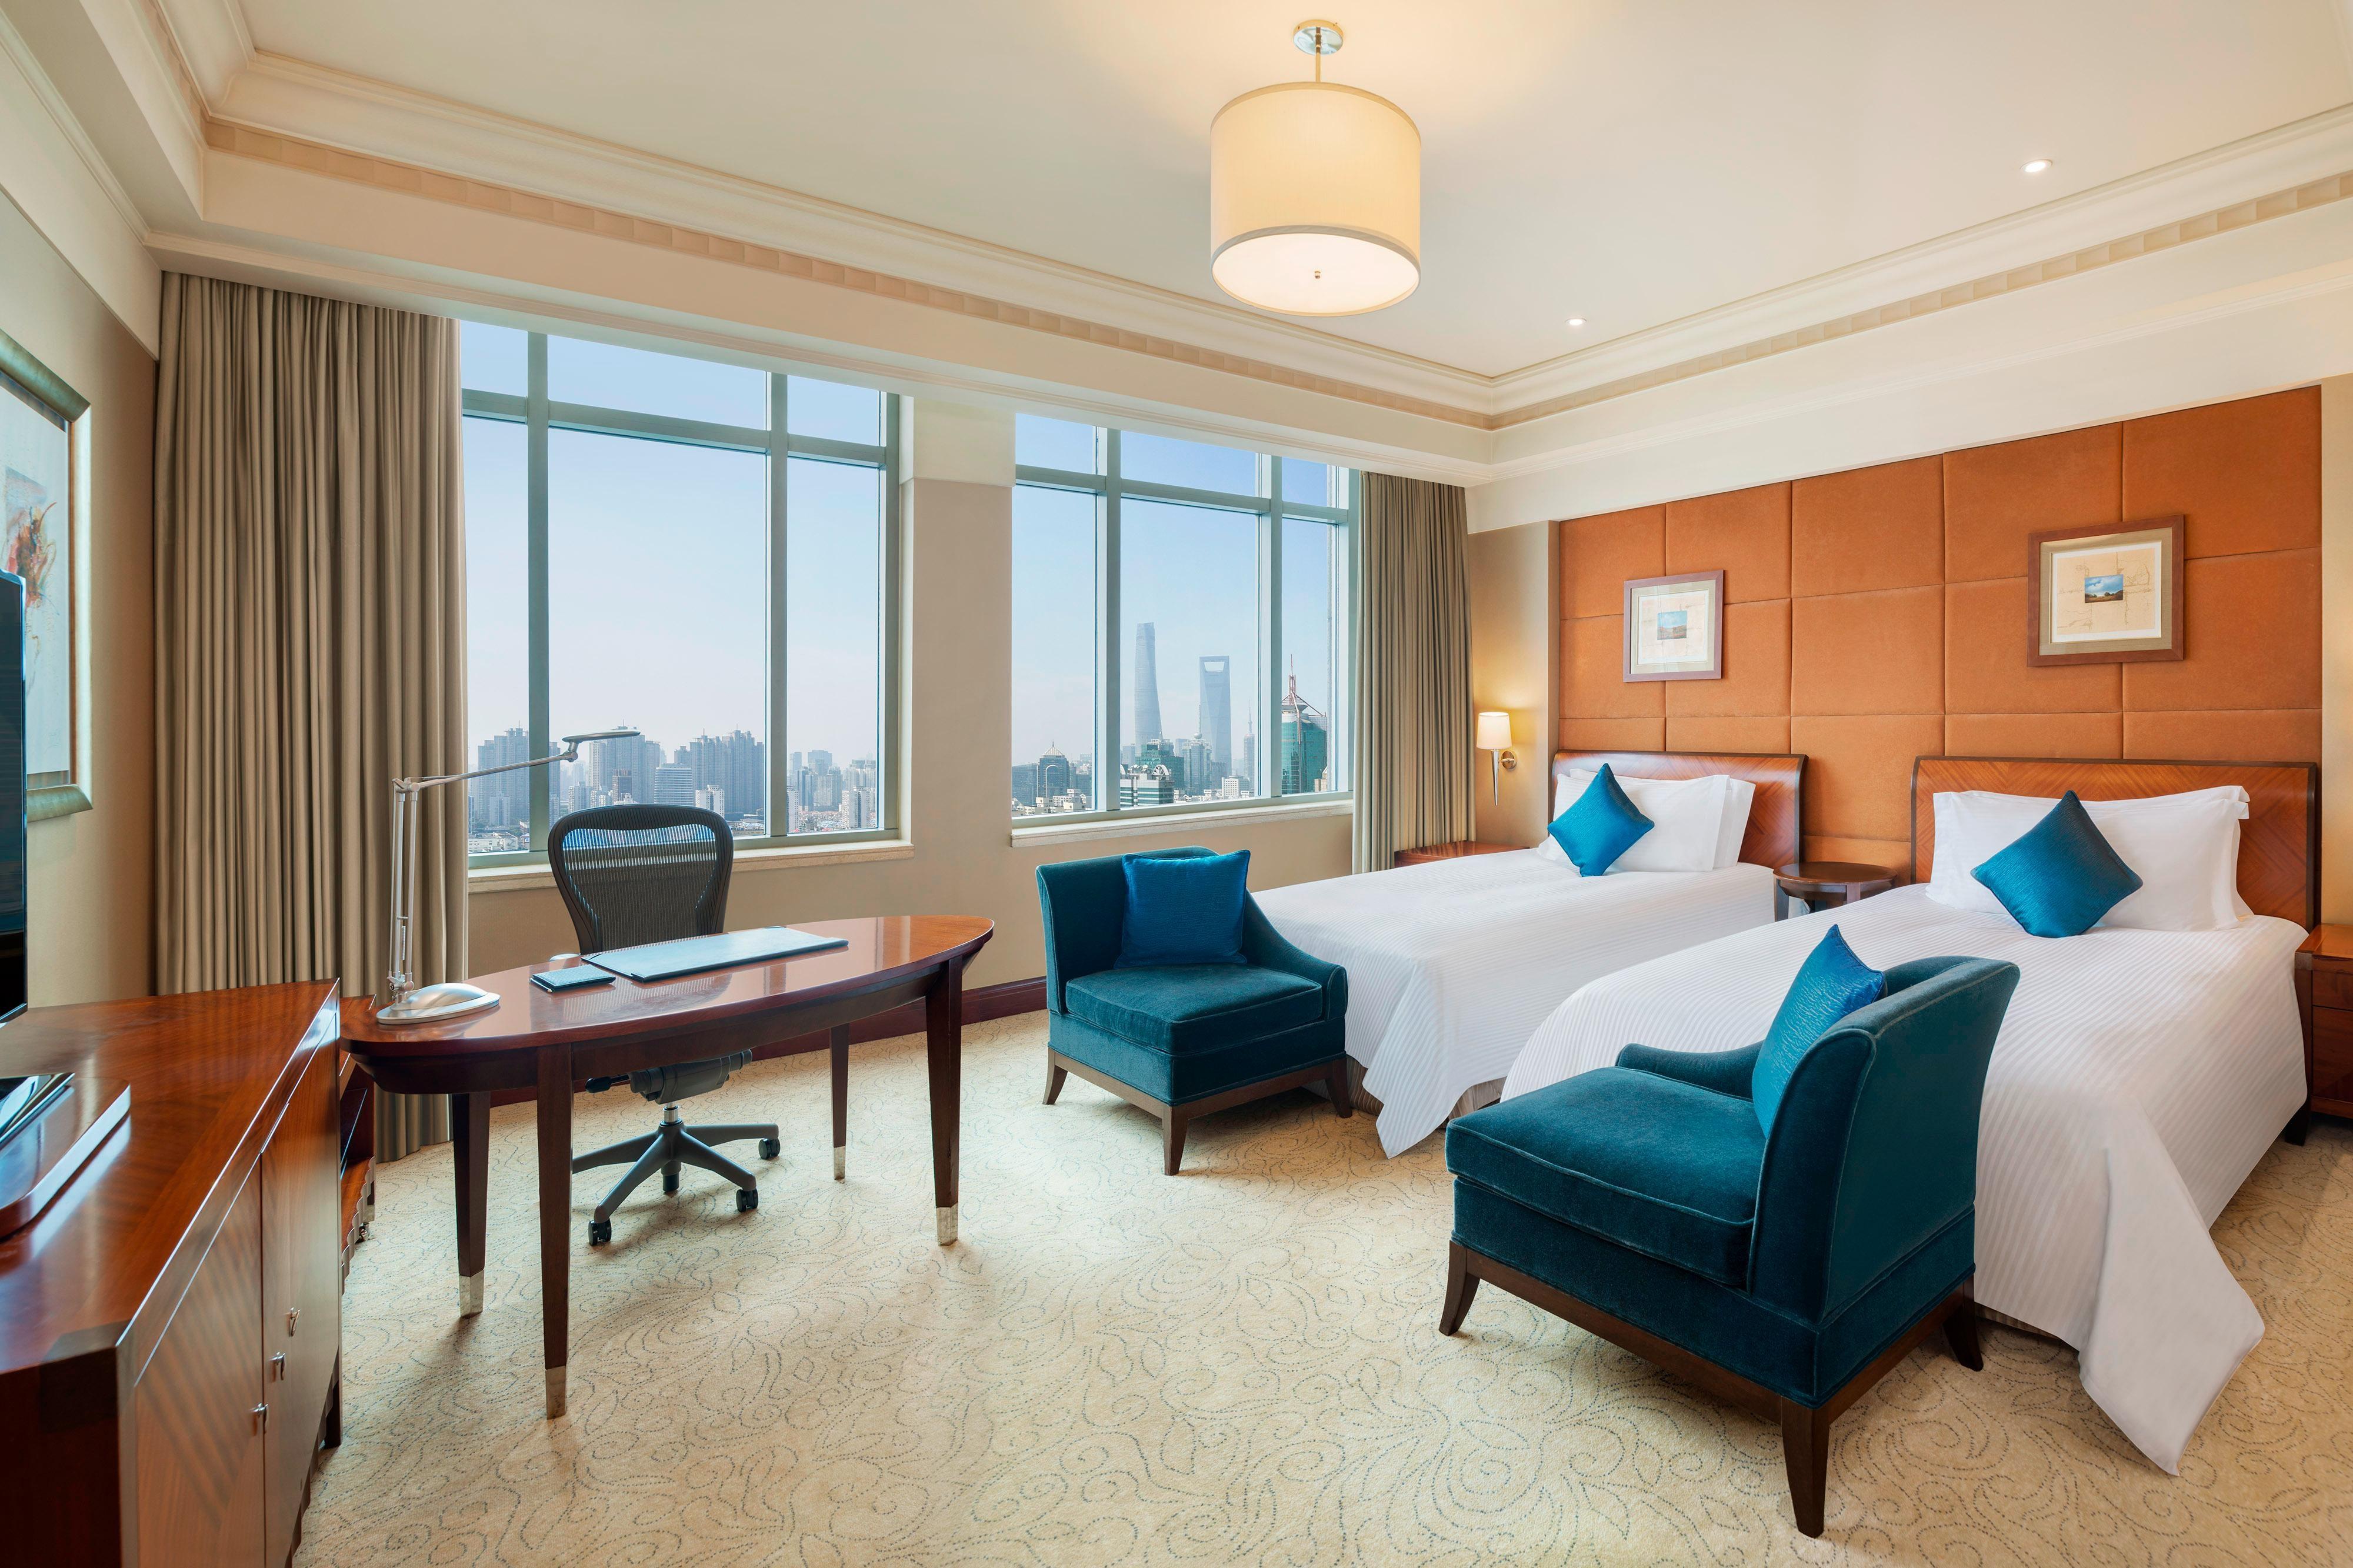 Executive Deluxe Gästezimmer mit zwei Einzelbetten